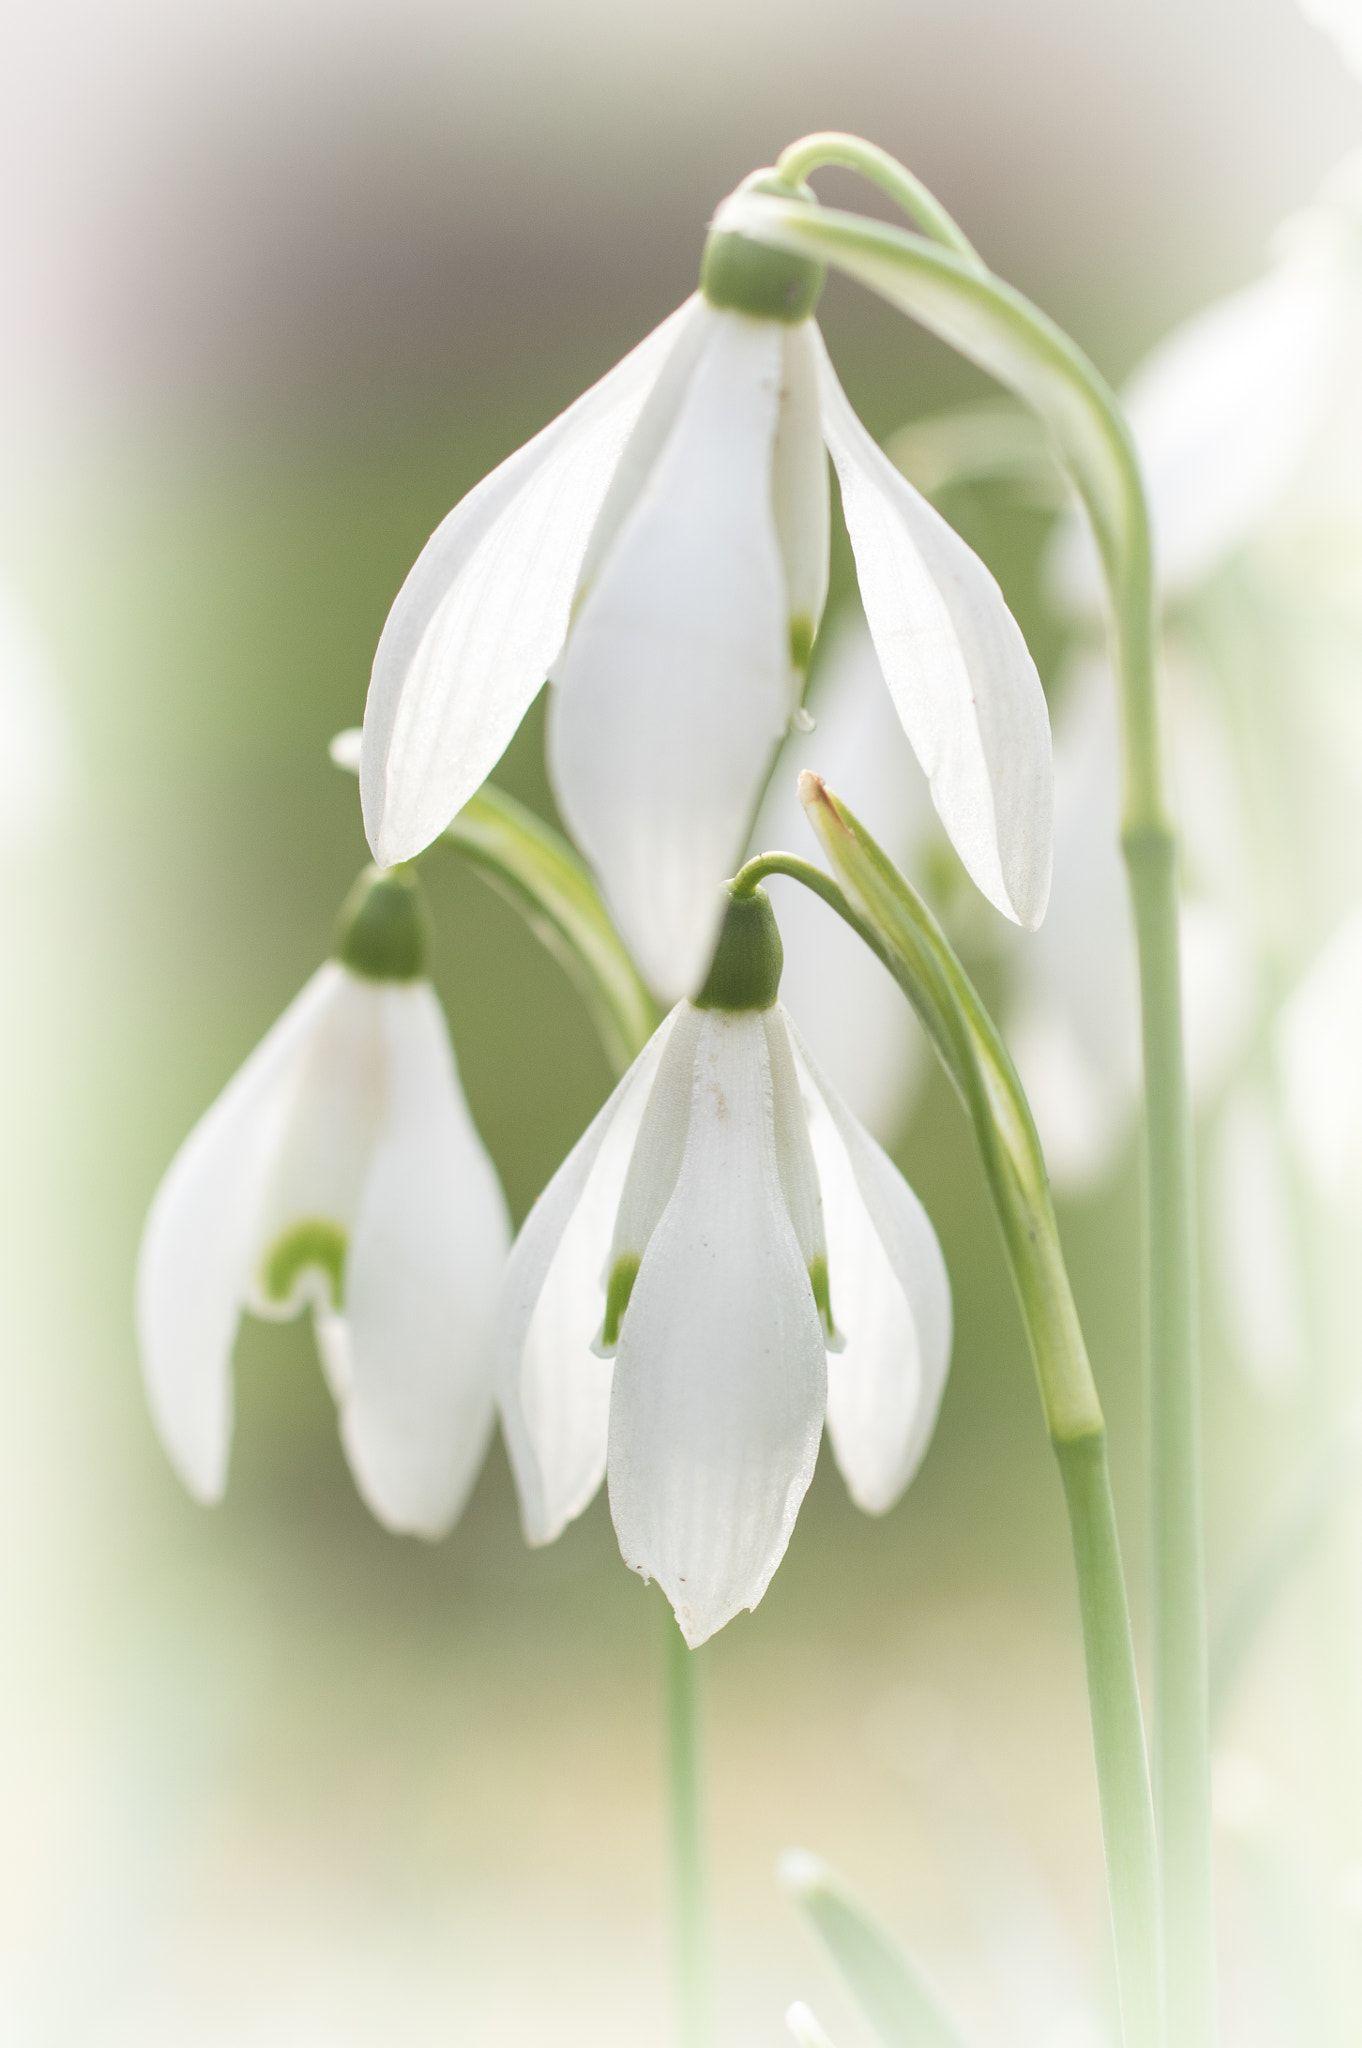 Pin Von Albertina Robillard Auf Snowdrops Mit Bildern Blumen Fruhling Natur